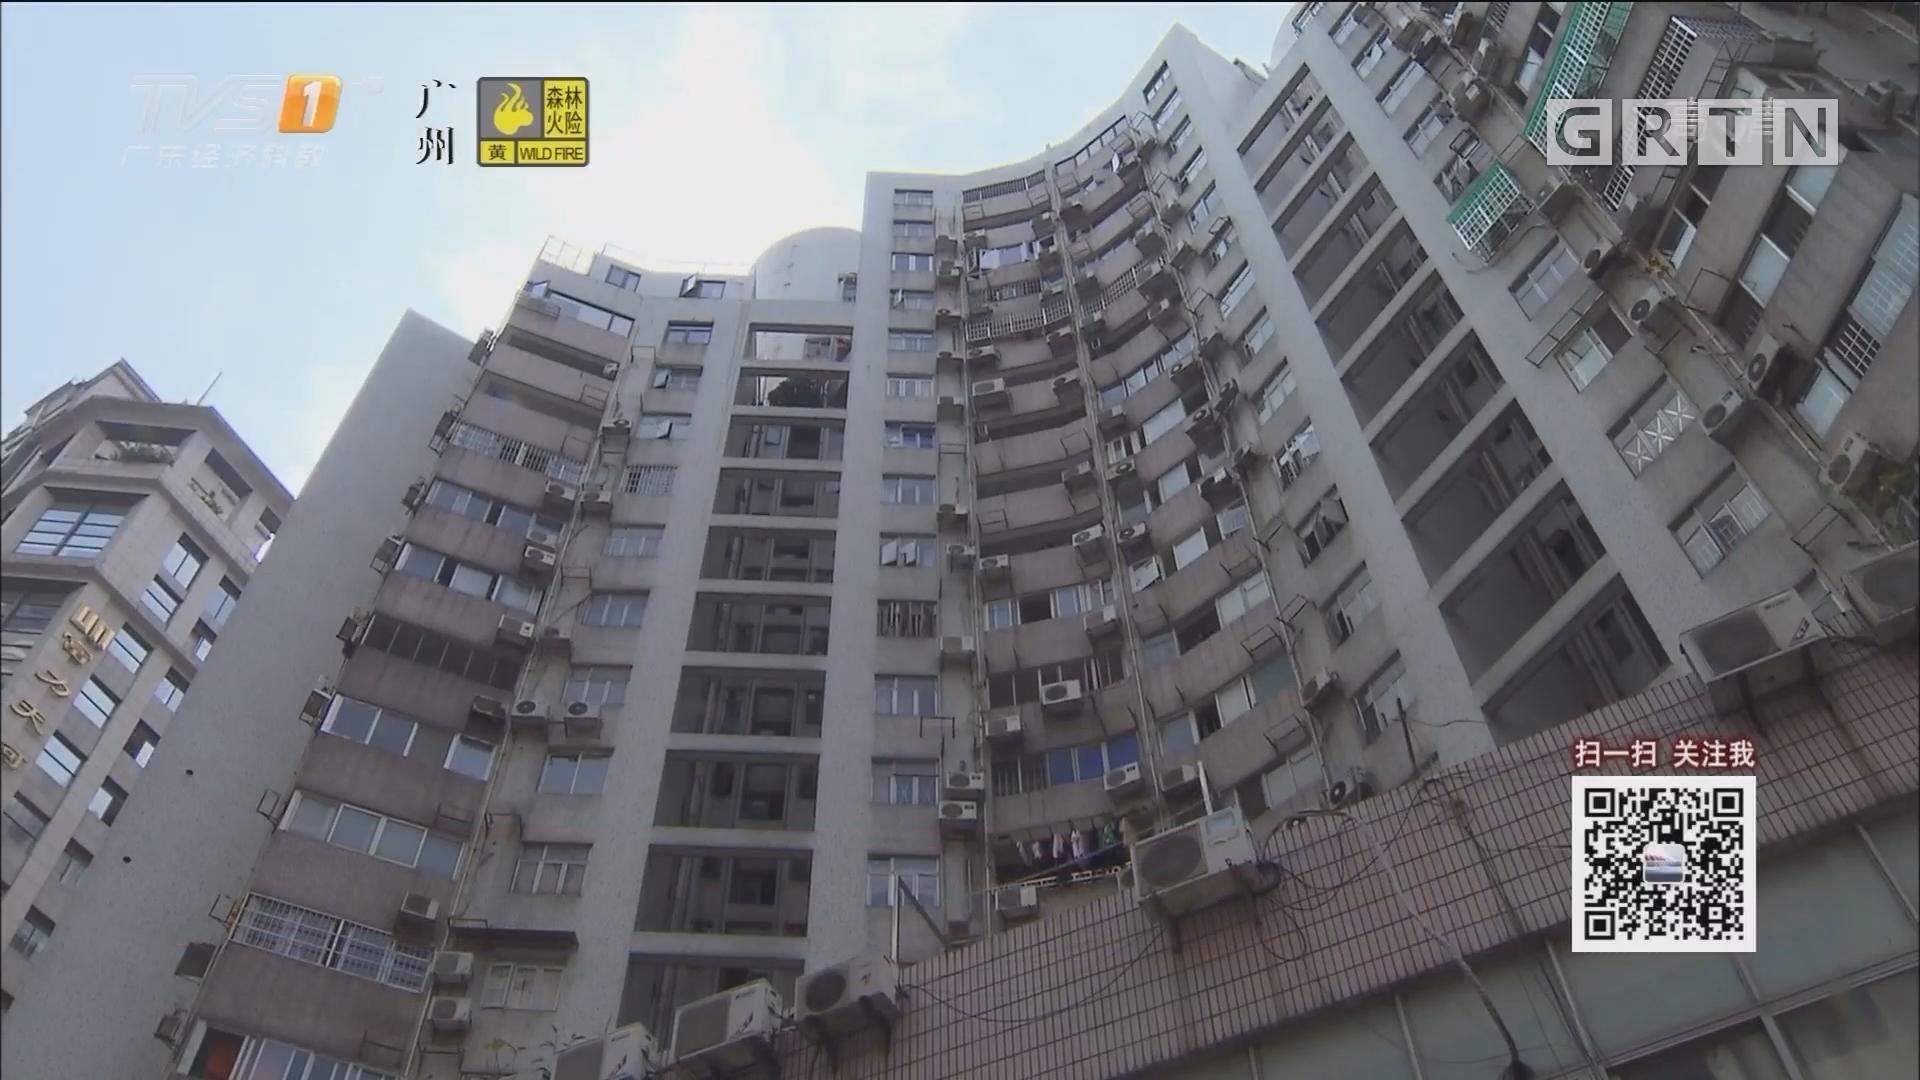 广州楼市:1月平均租金公布 天河区每平米59元